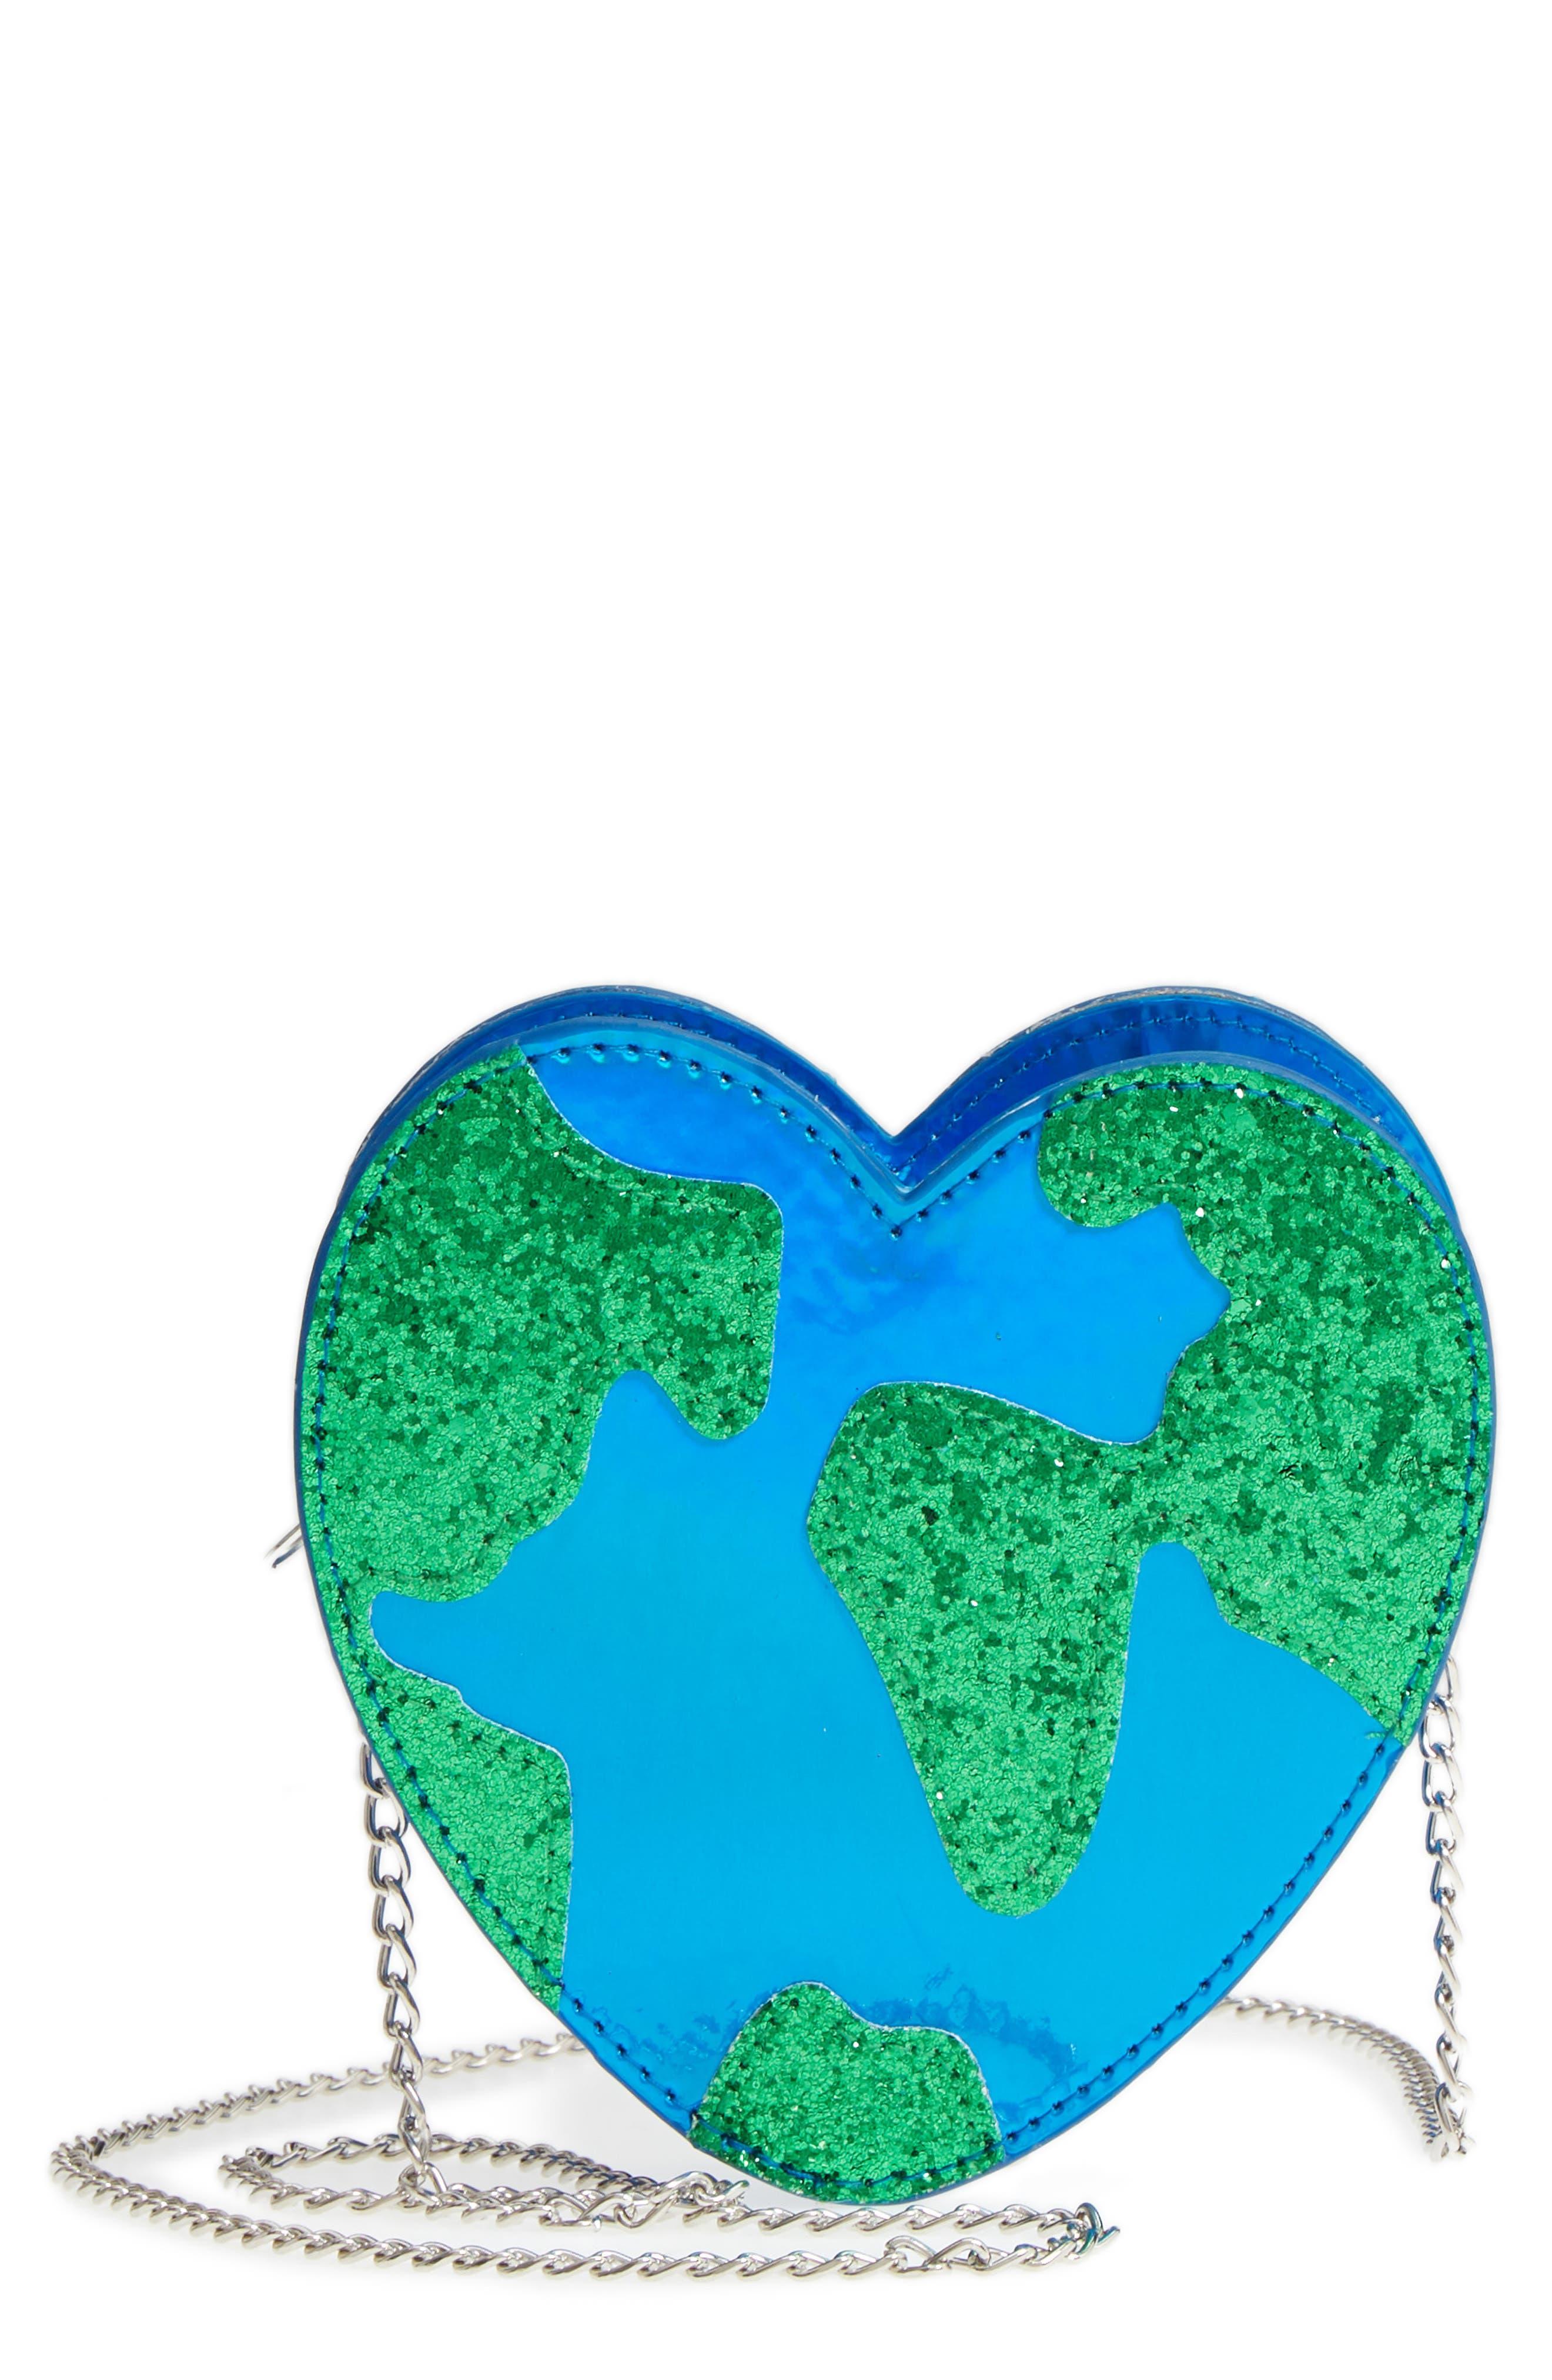 Heart Earth Crossbody Bag,                             Main thumbnail 1, color,